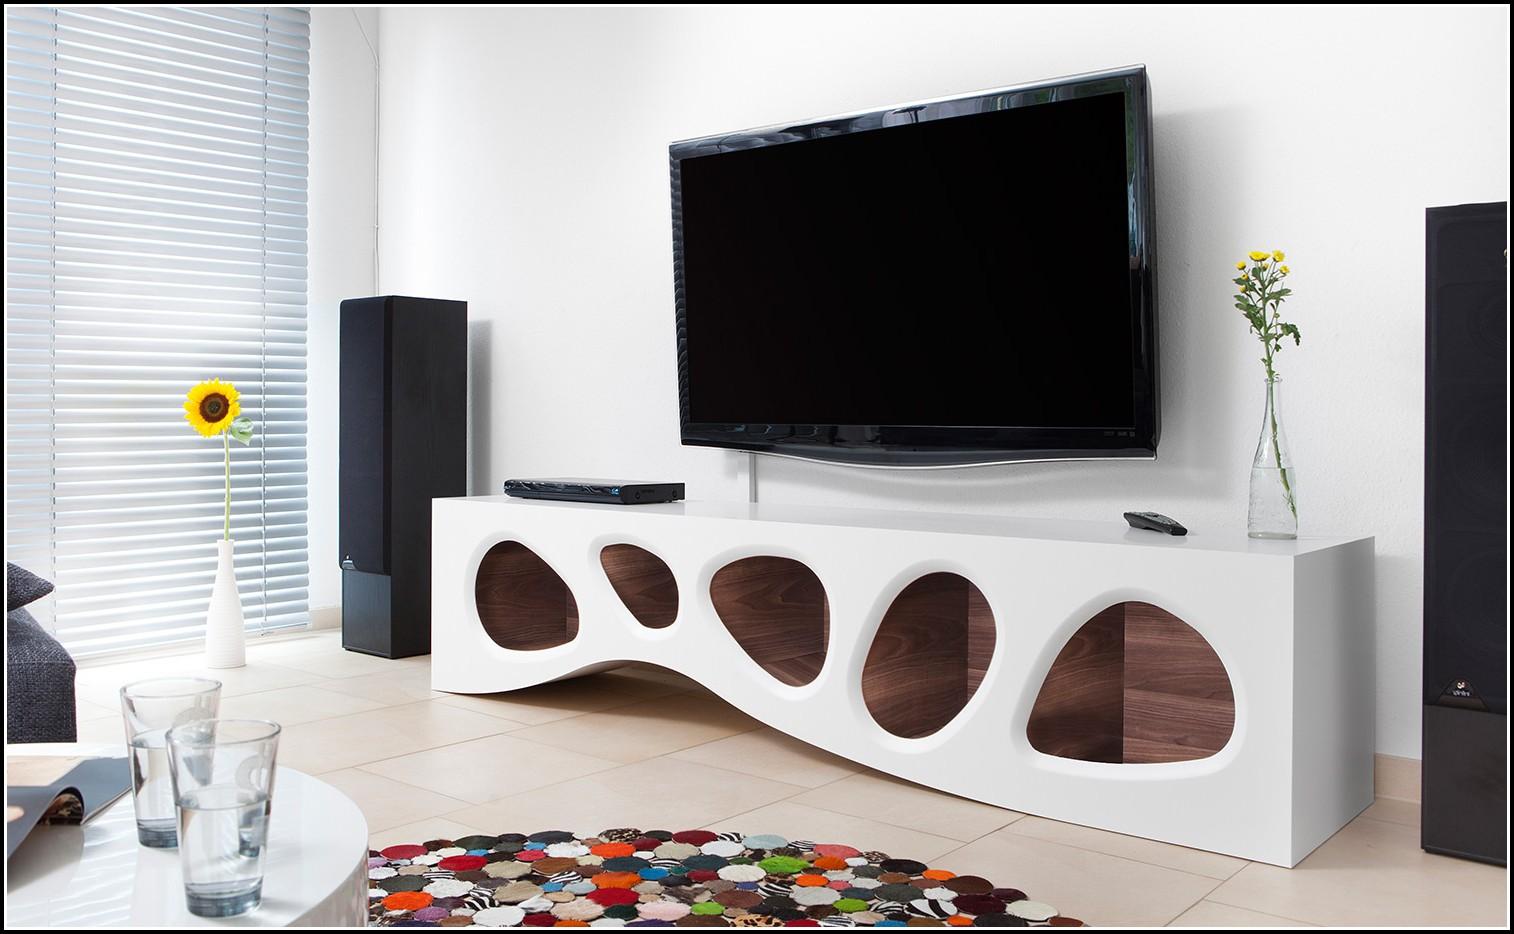 moebel f r wohnzimmer wohnzimmer house und dekor galerie xgz10ykryj. Black Bedroom Furniture Sets. Home Design Ideas